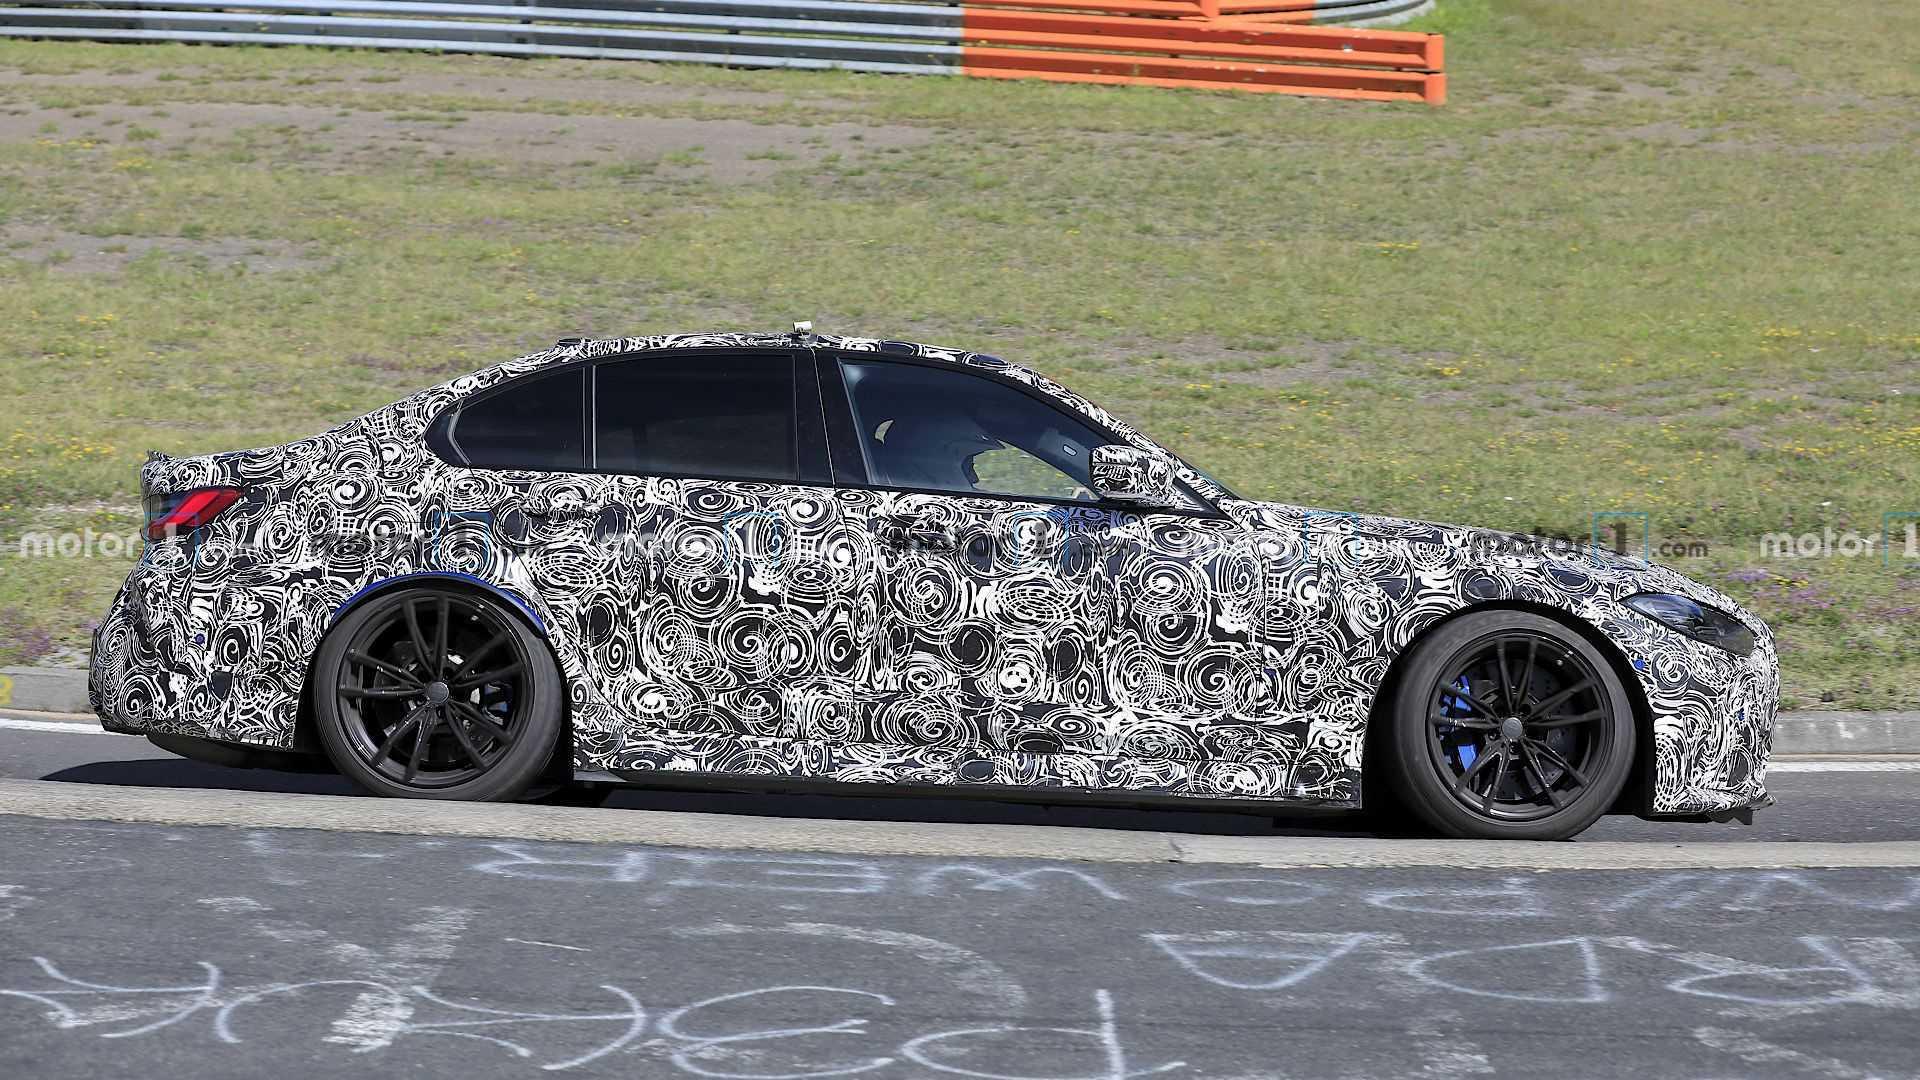 2020 - [BMW] M3/M4 - Page 18 Bmw-m3-spy-photos-profile